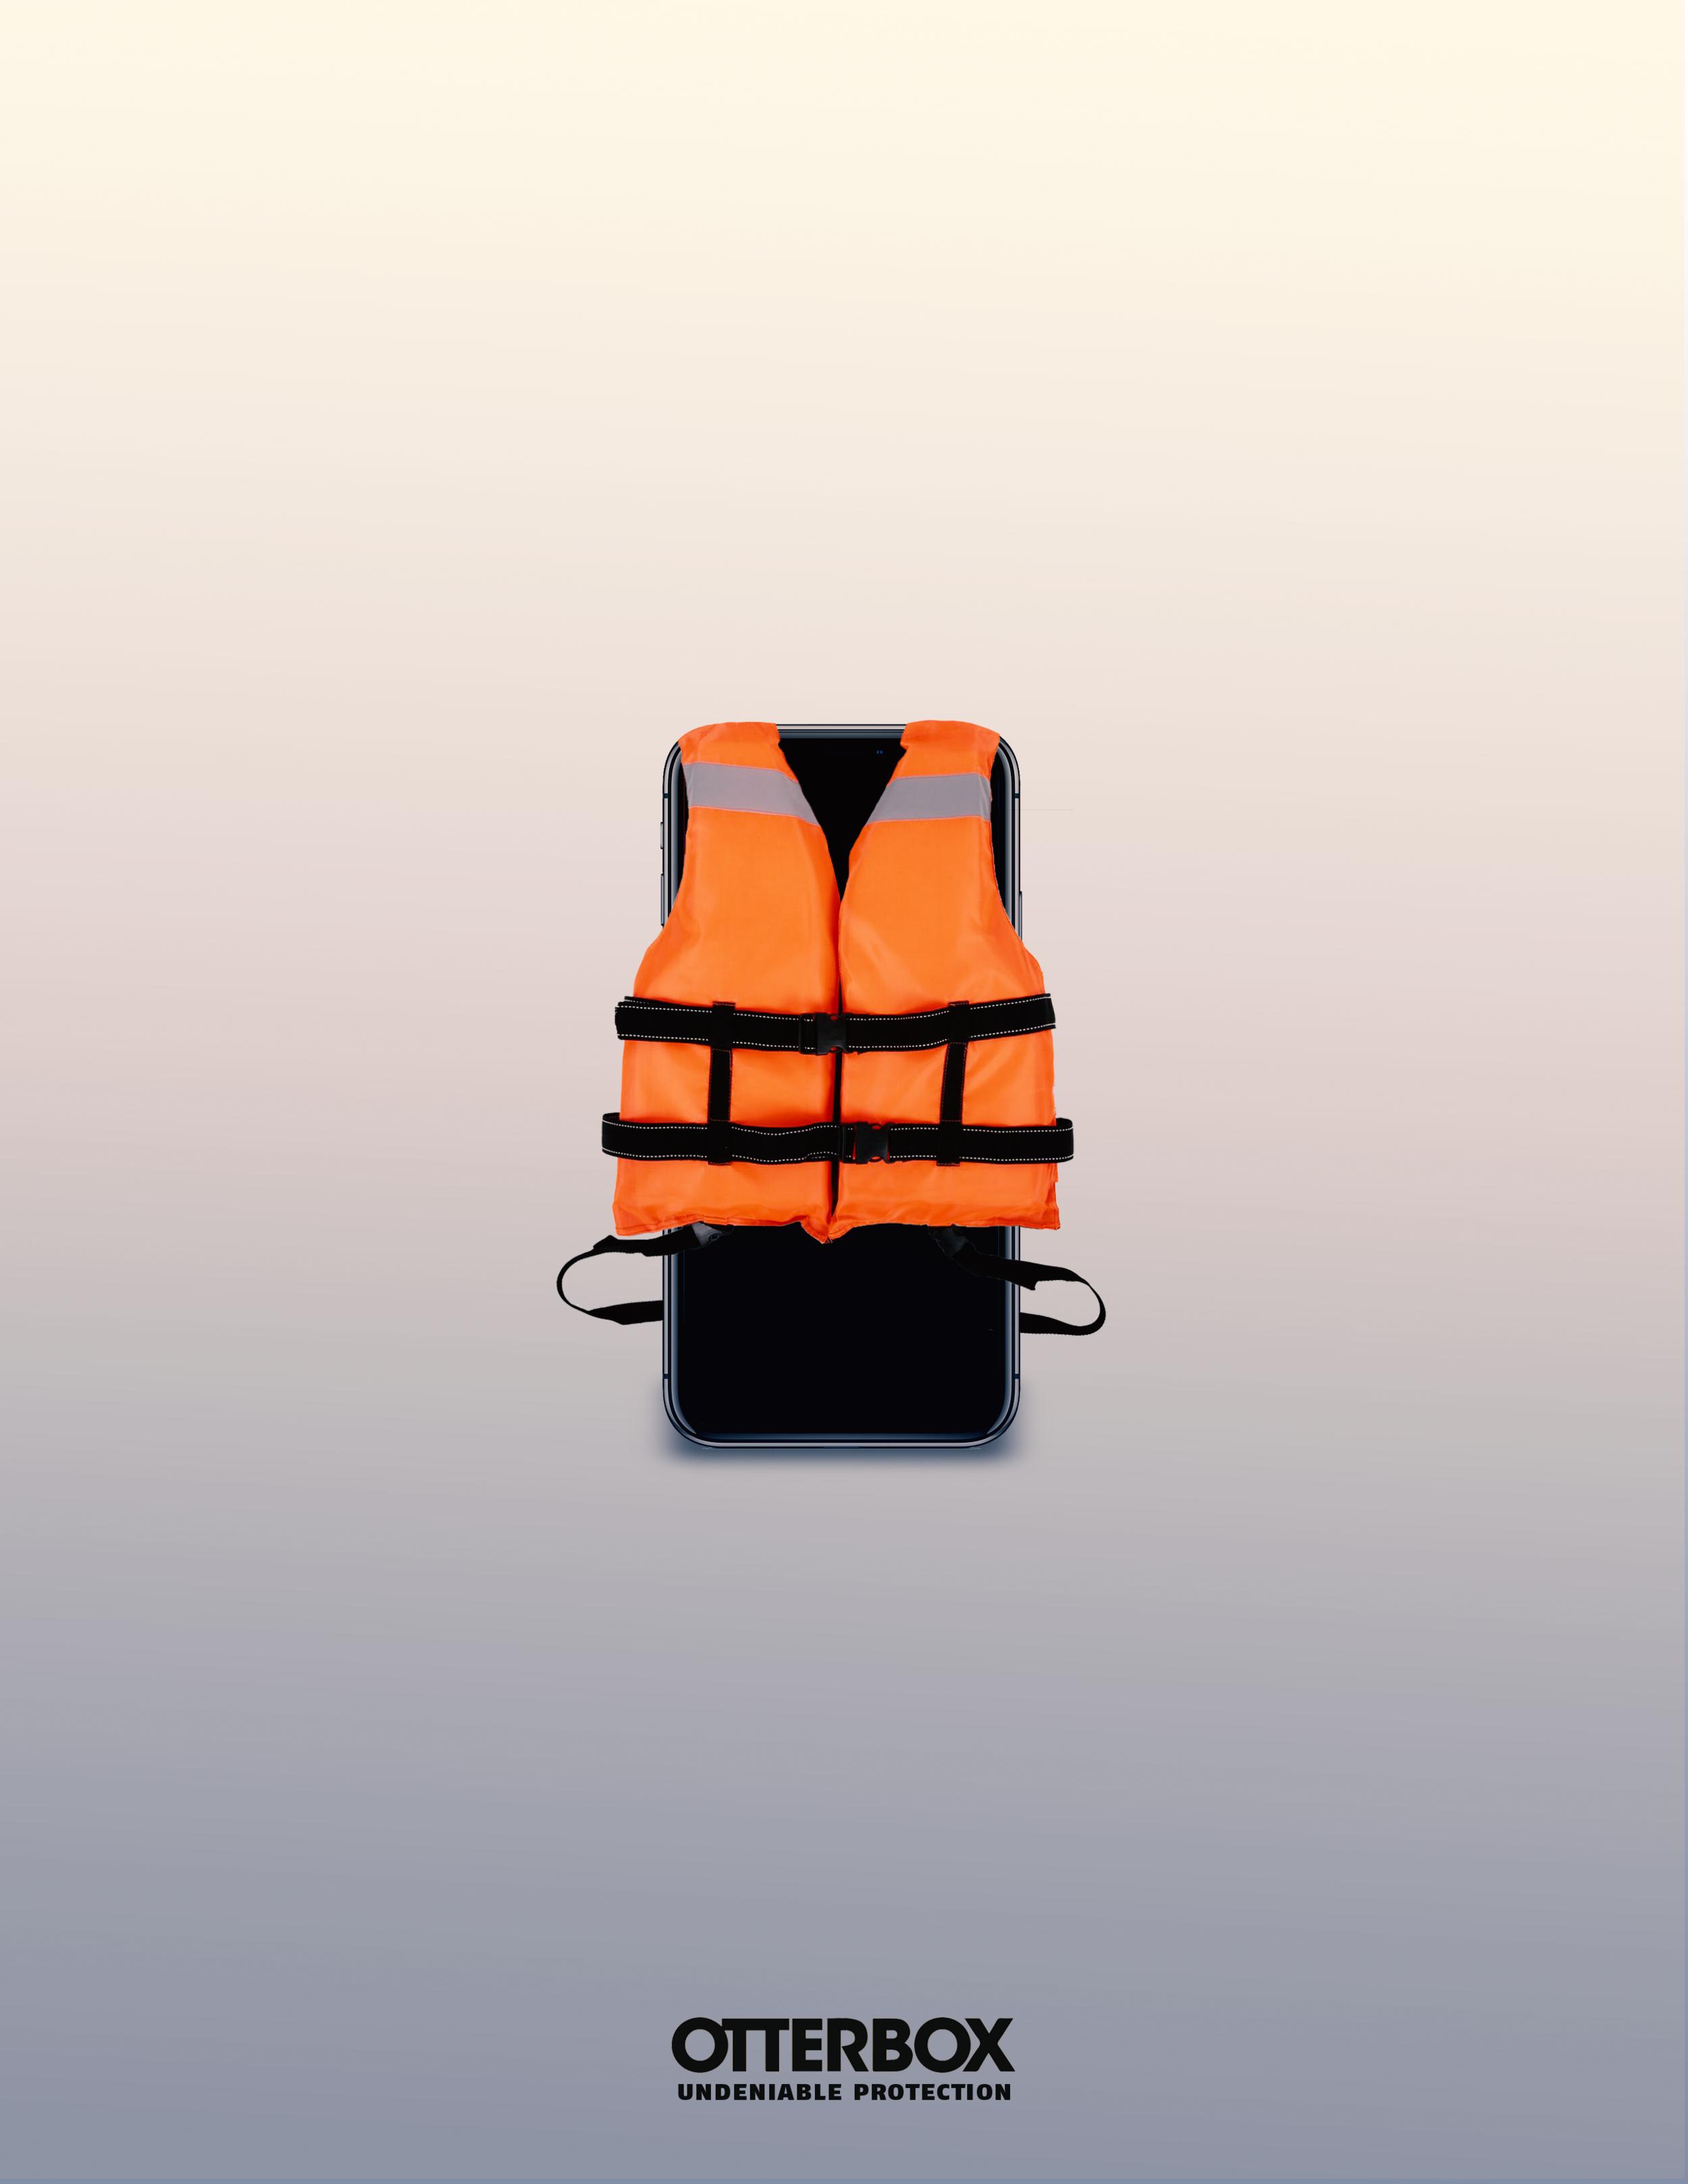 Otterbox lifejacket.png